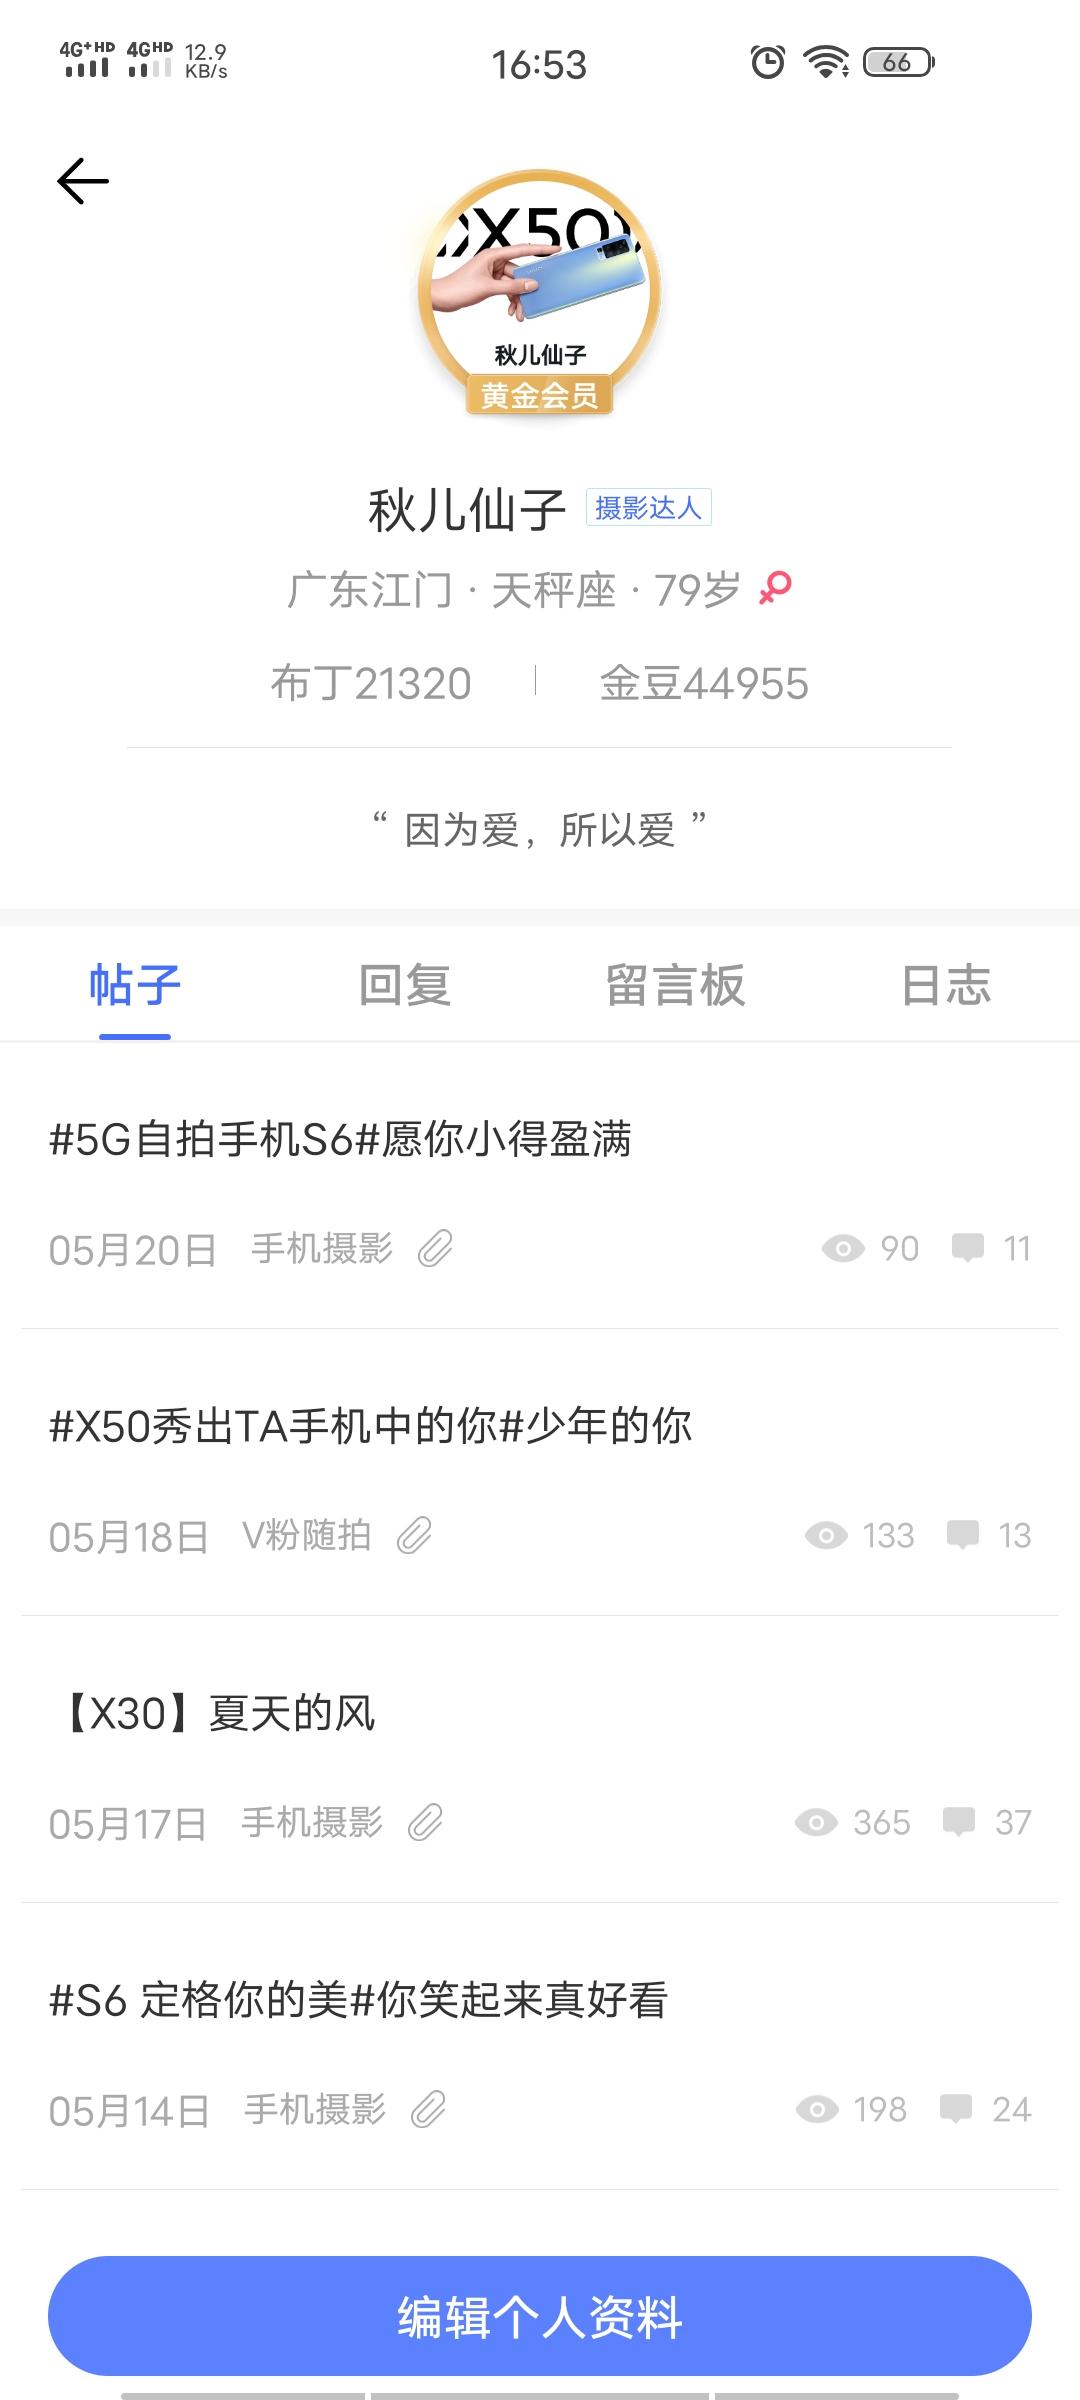 Screenshot_20200522_165300.jpg